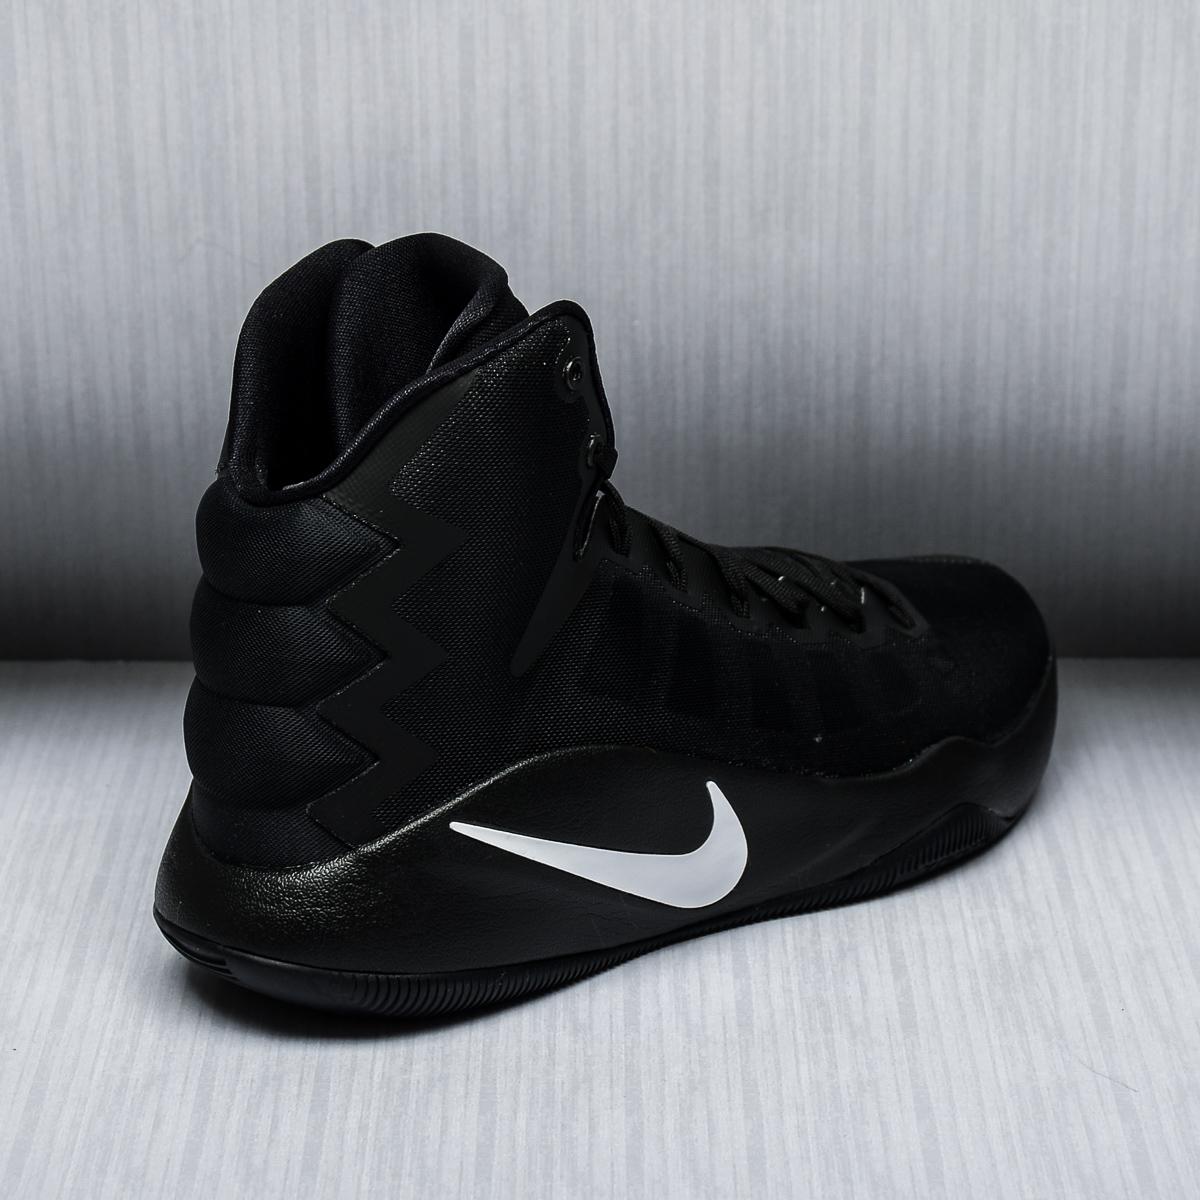 Nike Hyperdunk 2016 Basketball Shoes - BASKETBALL SHOES ...